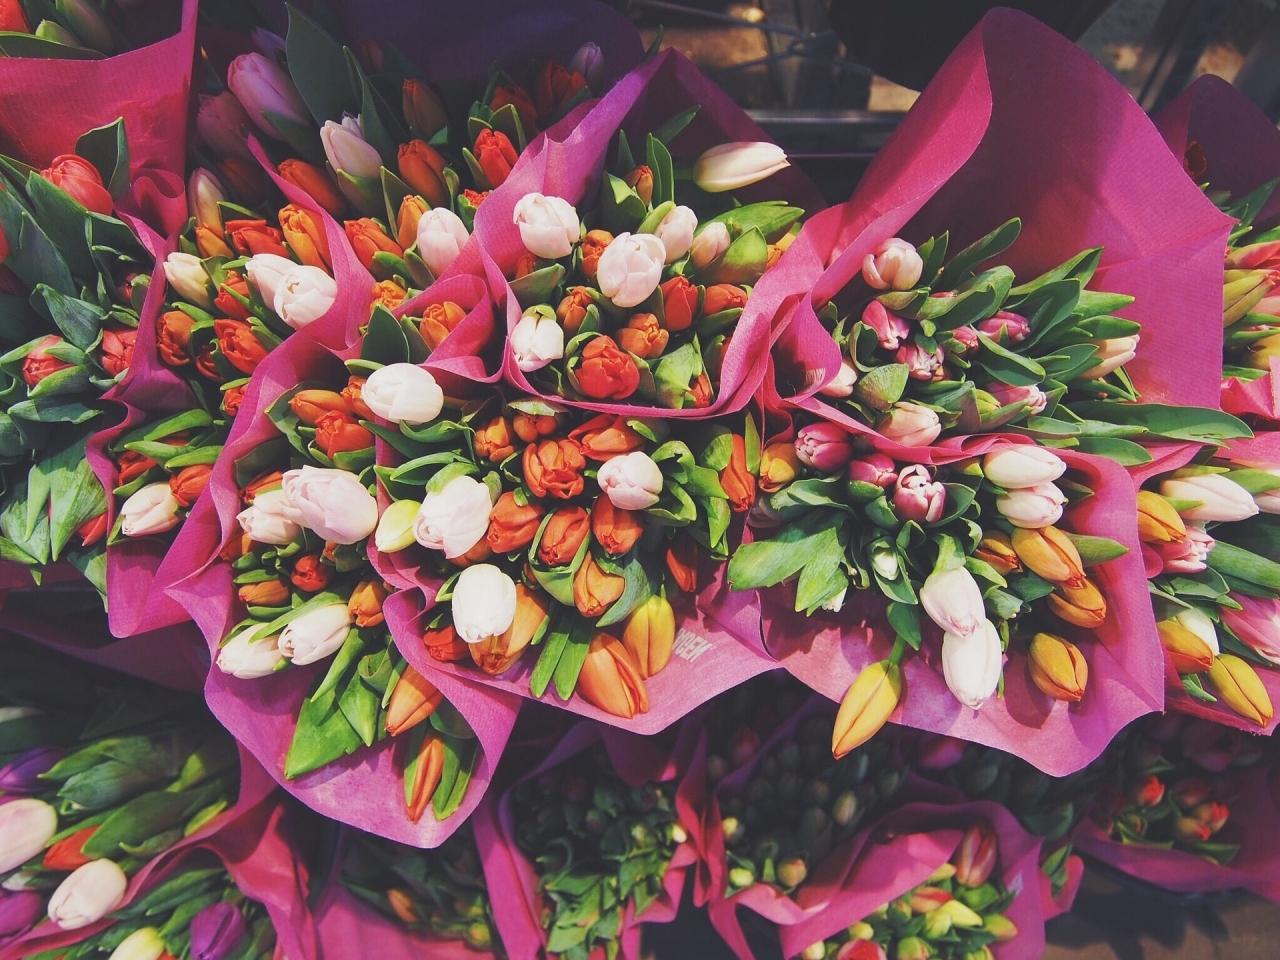 ÁE Virágkötő és Virágkereskedő tanfolyam hétköznap gyakorlattal